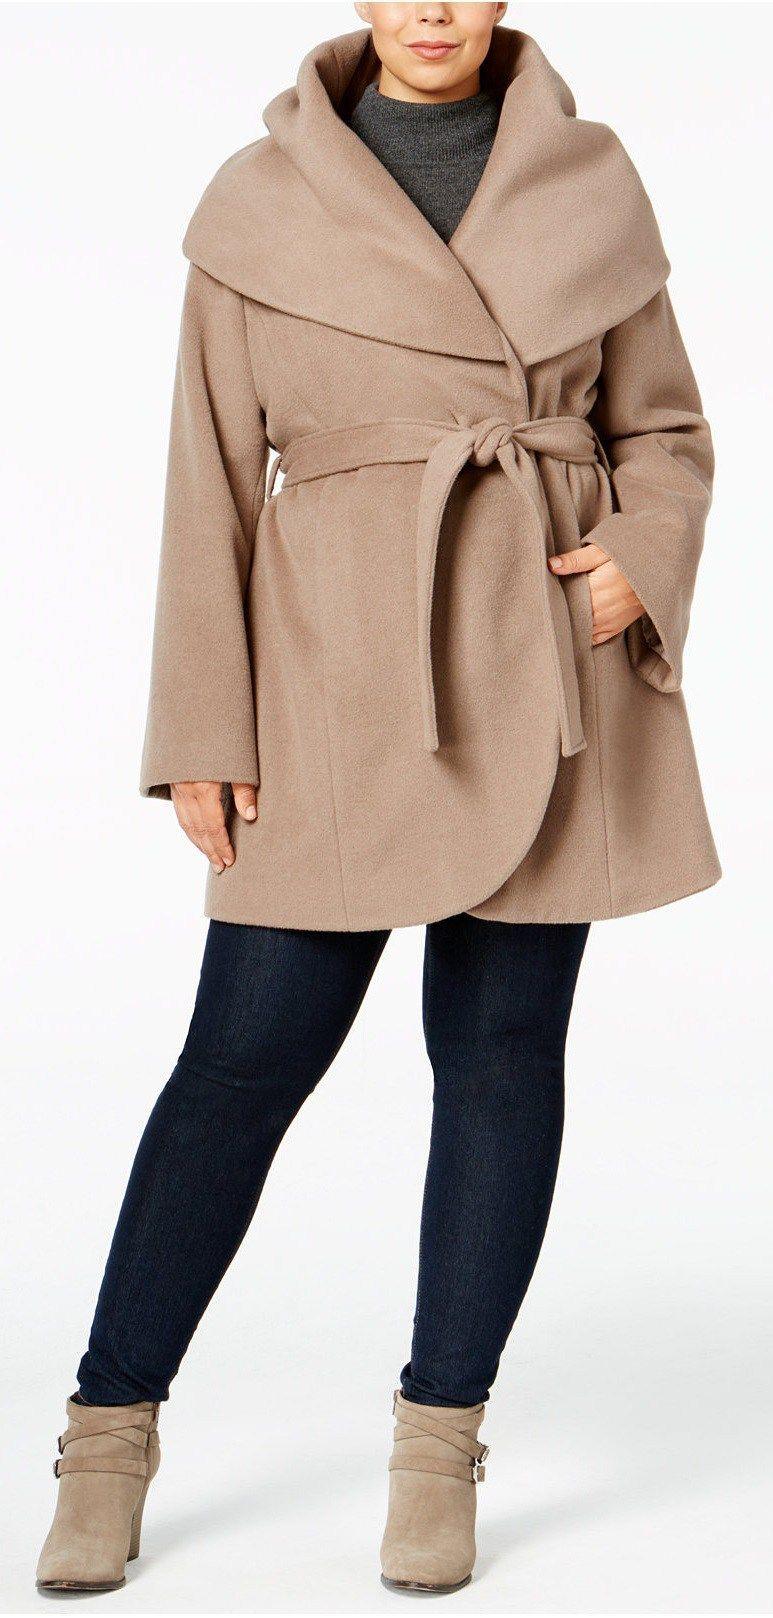 a9e7d9cbcf5d6 18 Plus Size Coats